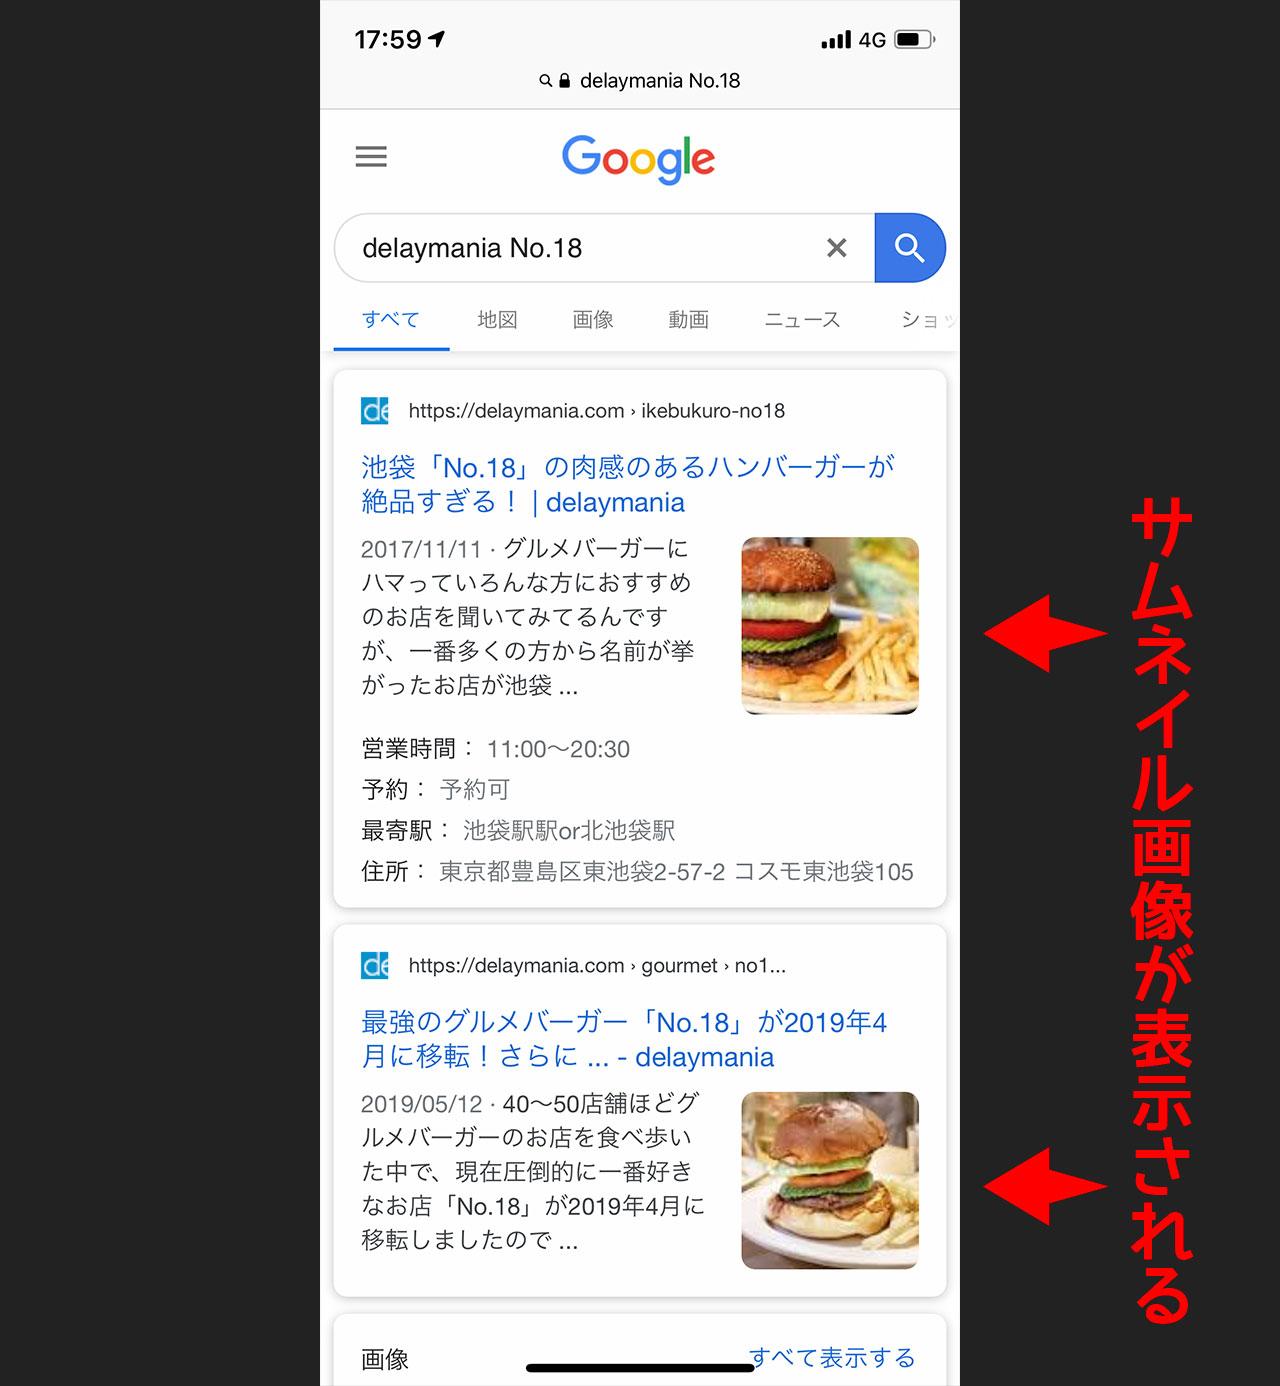 ホのブラウザでGoogle検索した時に表示されるサムネイル画像の例